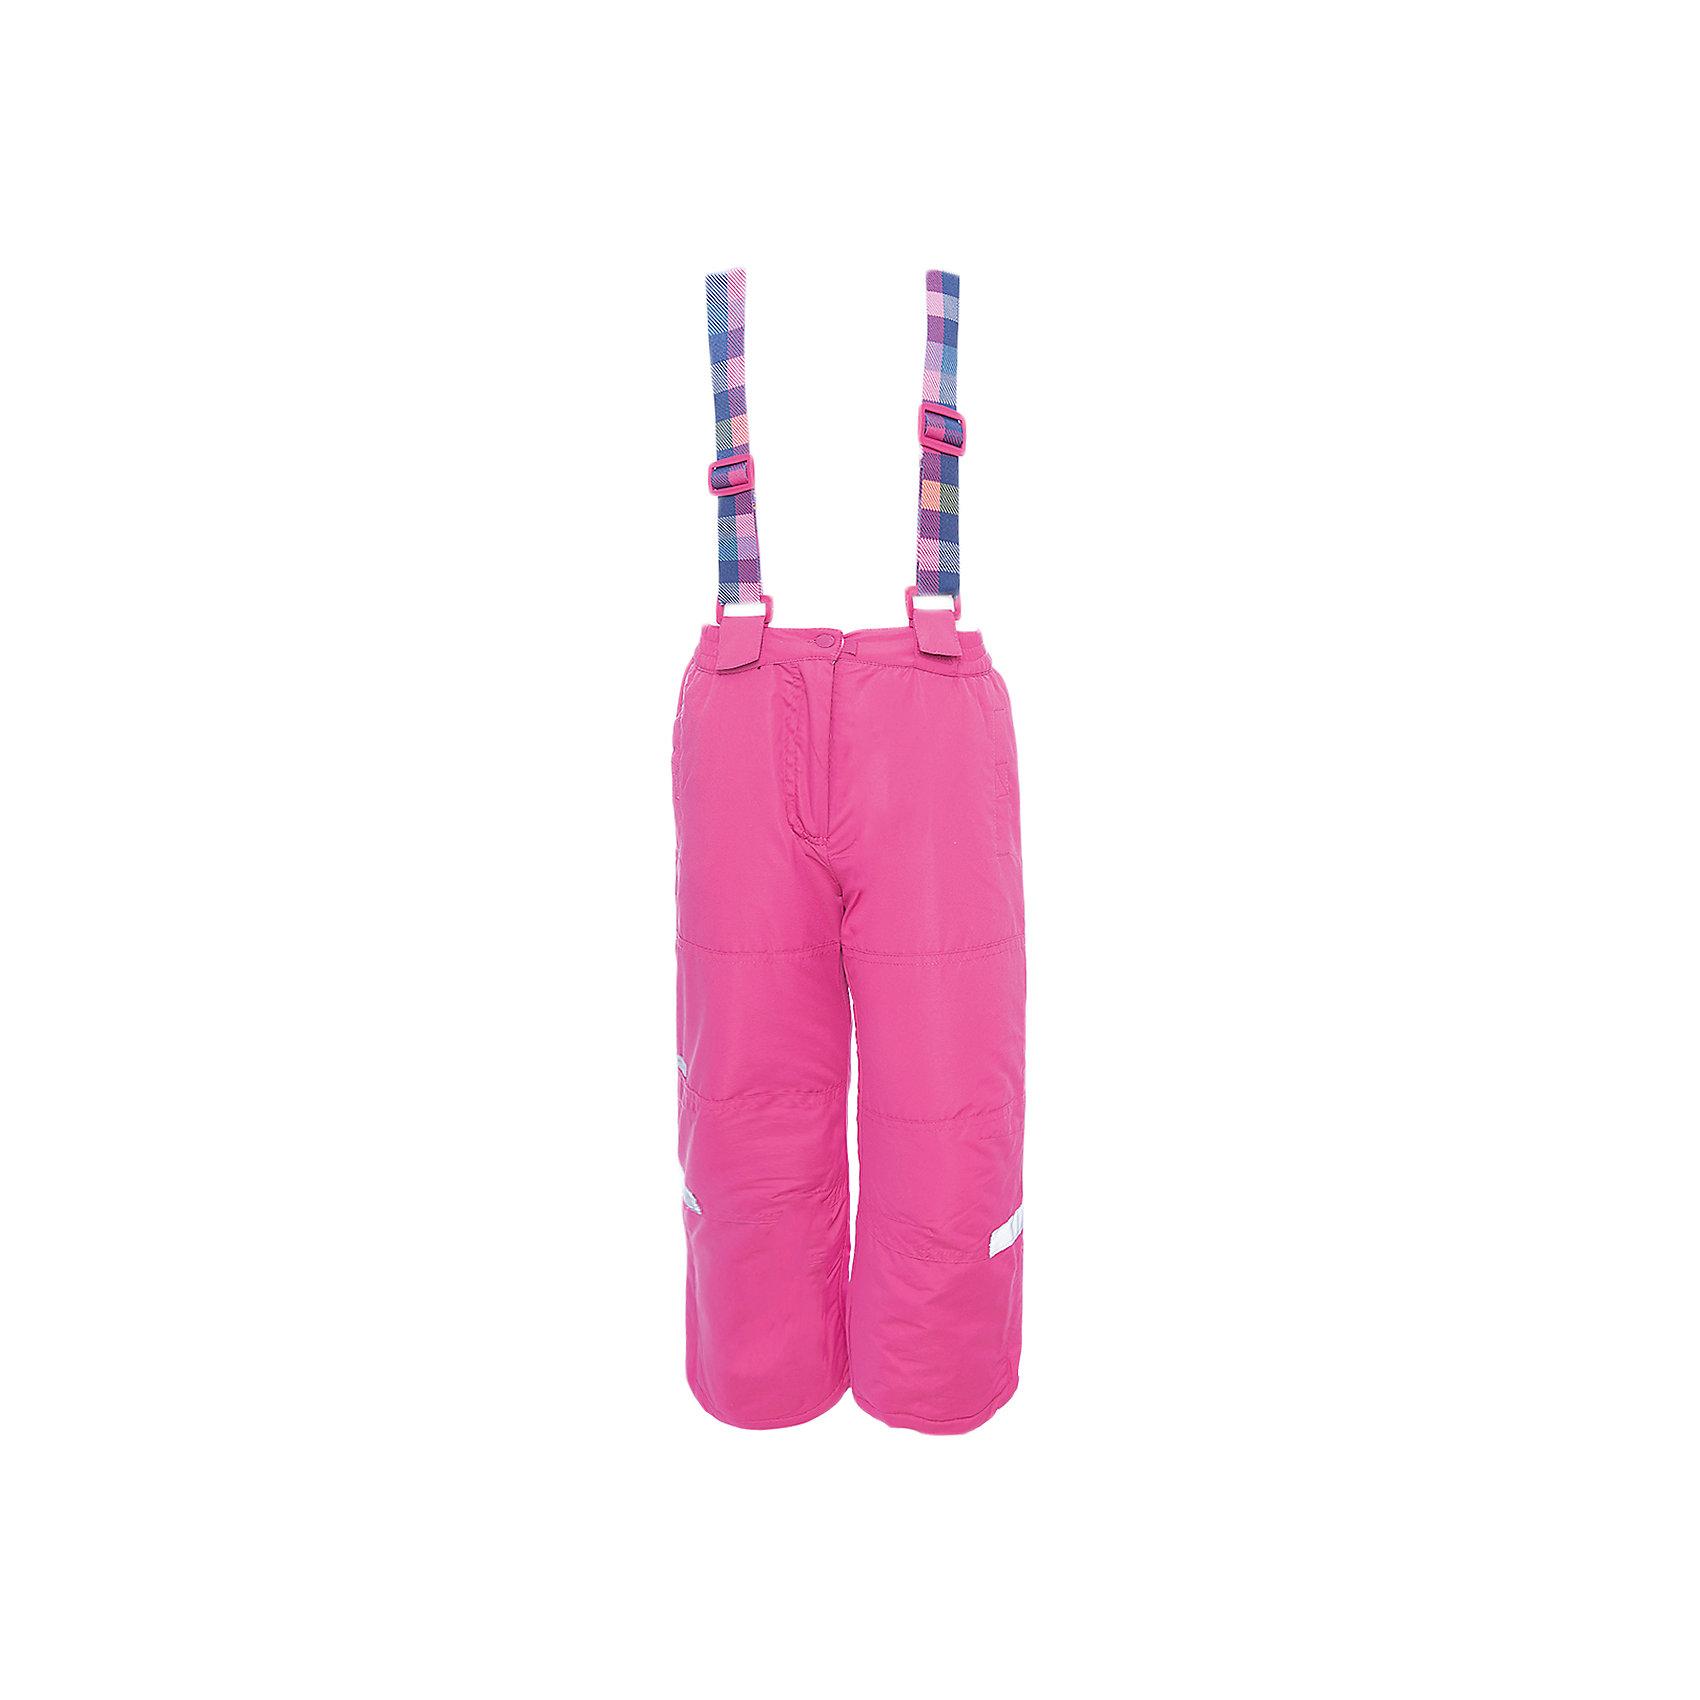 Брюки PlayToday для девочкиВерхняя одежда<br>Брюки PlayToday для девочки<br>Брюки из водонепроницаемой ткани. Регулируемые бретели на липучках, при необходимости их можно отстегнуть. Пояс на широкой резинке. Брюки застегиваются на молнию и кнопку. Низ штанин дополнен специальными манжетами со штрипками. Светоотражатели обеспечат видимость ребенка в темное время суток. Брюки с встрочными карманами на липучках.<br>Состав:<br>Верх: 100% полиэстер, Подкладка: 100% полиэстер, Наполнитель: 100% полиэстер, 150 г/м2<br><br>Ширина мм: 215<br>Глубина мм: 88<br>Высота мм: 191<br>Вес г: 336<br>Цвет: розовый<br>Возраст от месяцев: 84<br>Возраст до месяцев: 96<br>Пол: Женский<br>Возраст: Детский<br>Размер: 128,98,104,110,116,122<br>SKU: 7107372